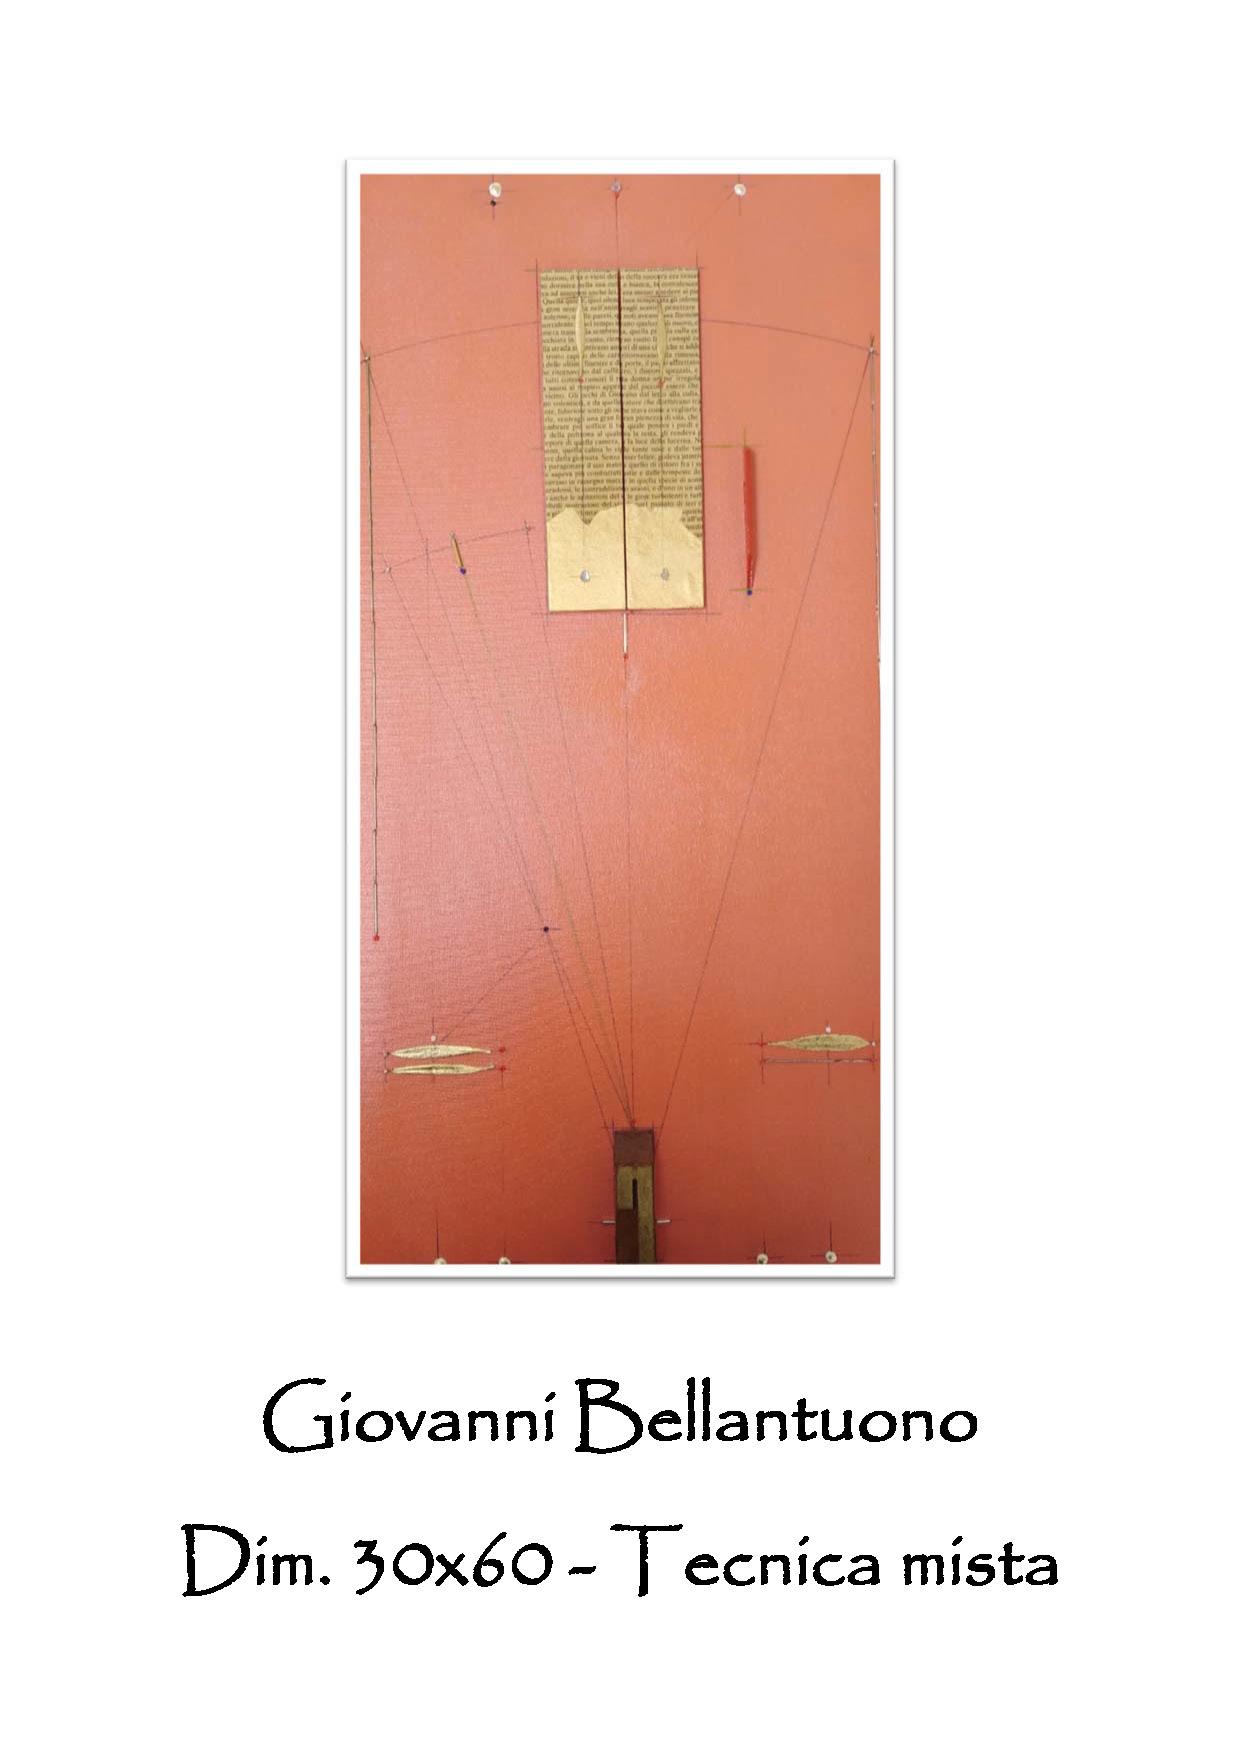 http://www.proartpiagge.it/wp-content/uploads/2020/04/bellantuono.jpg